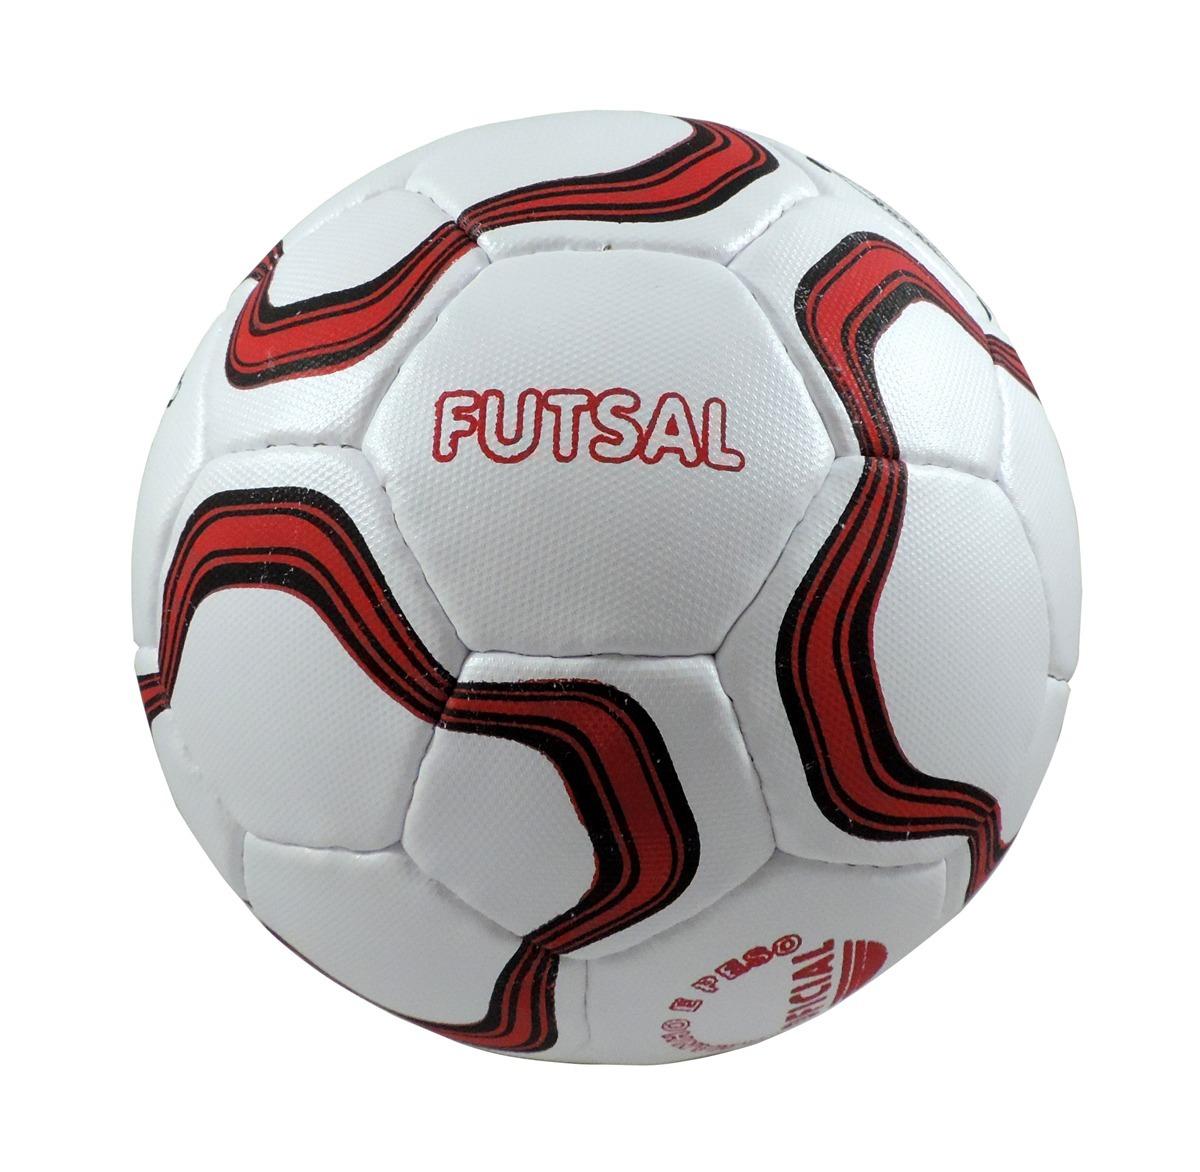 kit de 3 bolas de futsal misaki - oficial salão costurada. Carregando zoom. e2b0f1ca15ab4